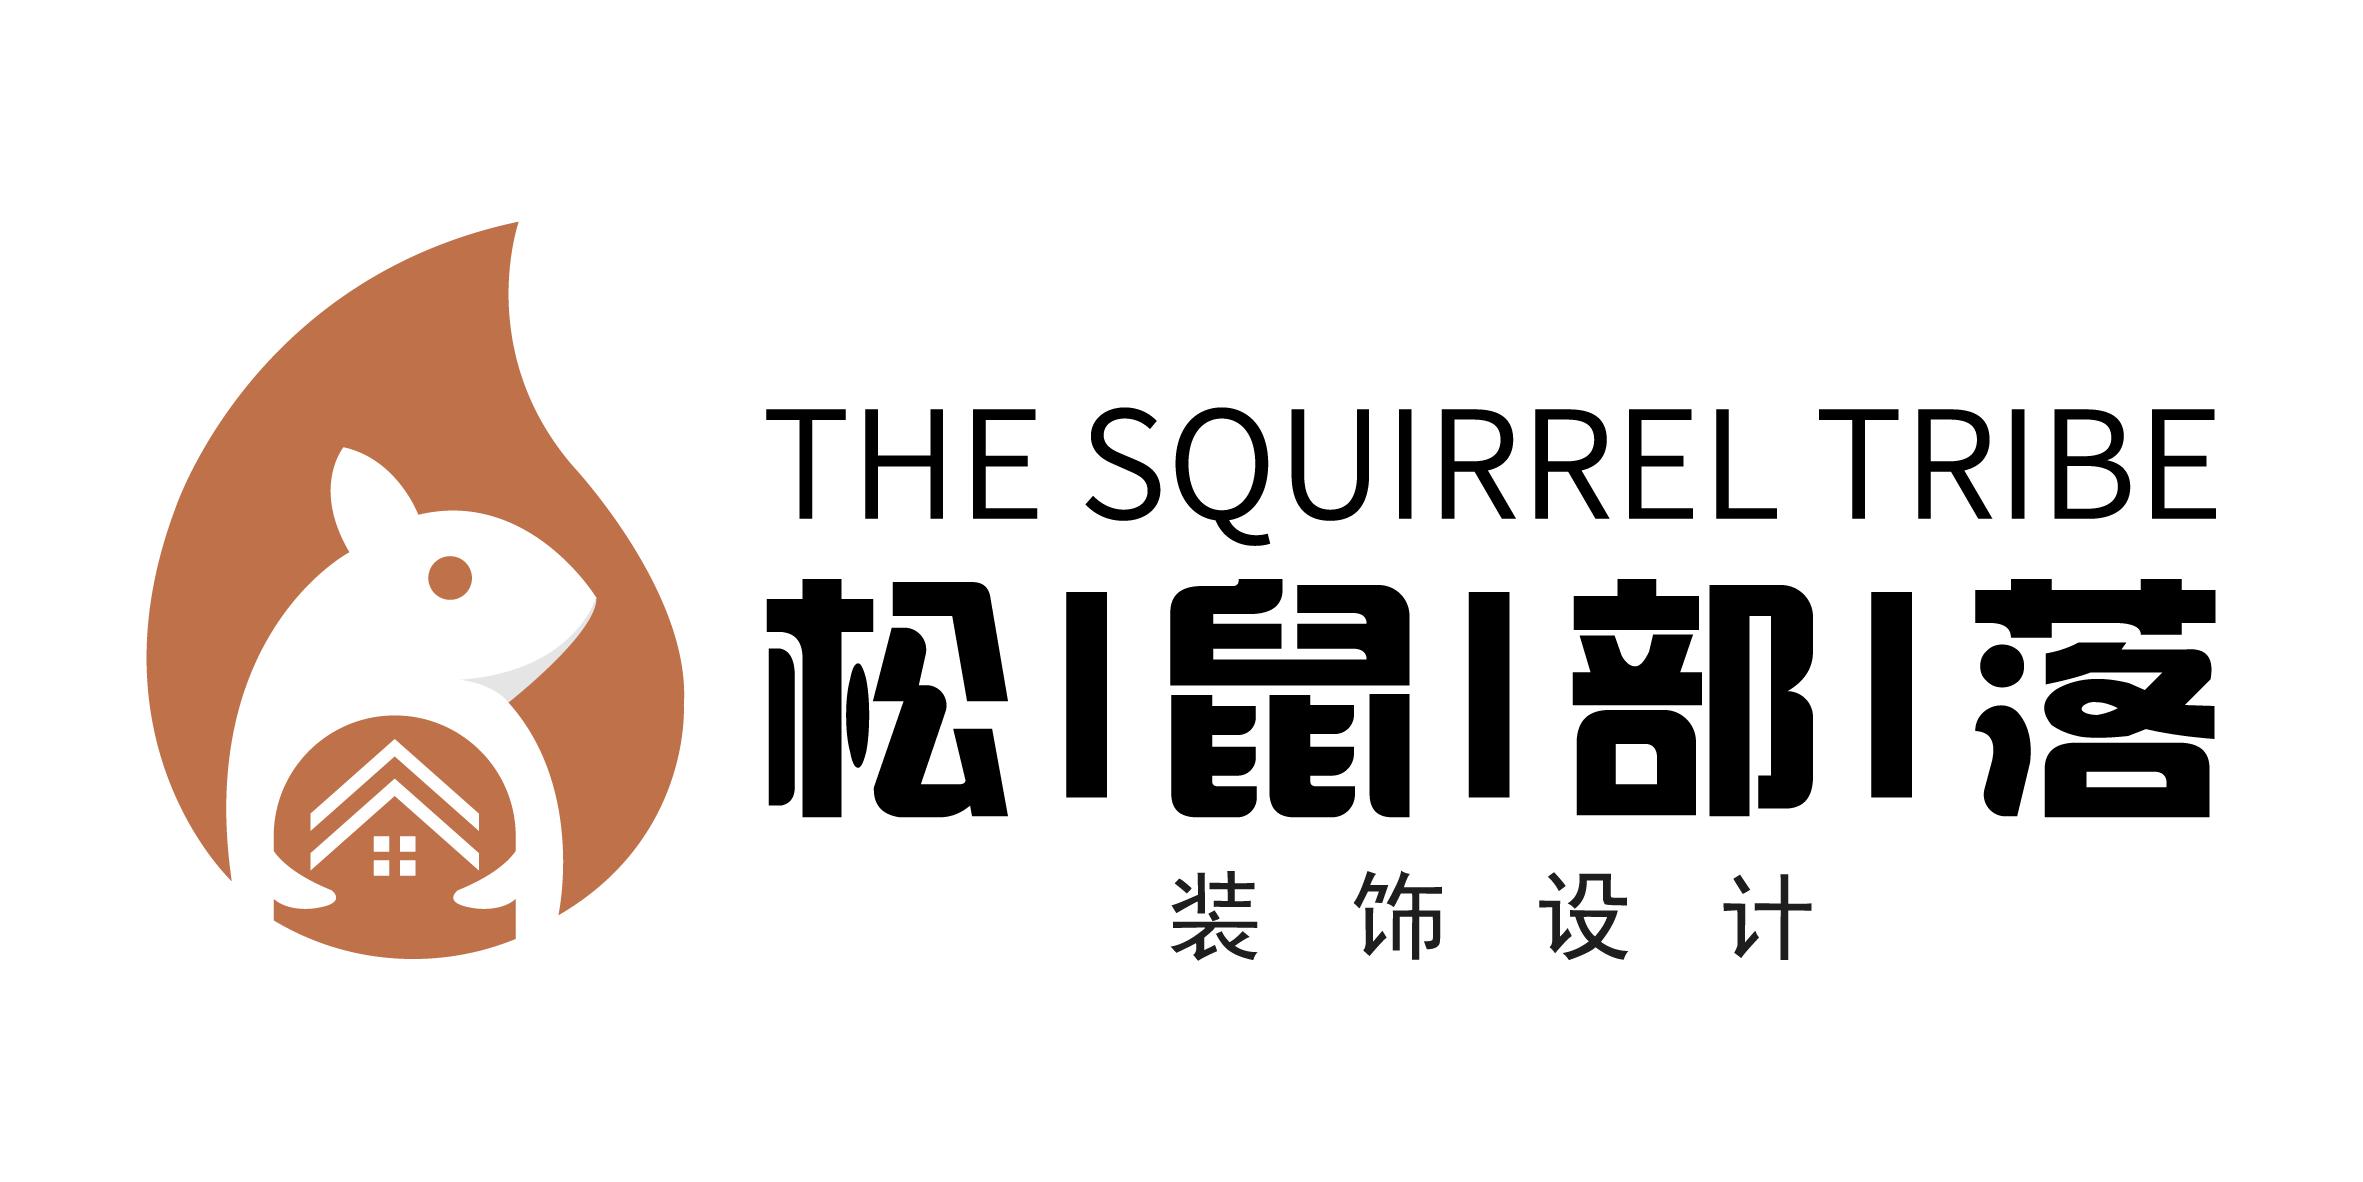 成都松鼠部落装饰工程有限公司。